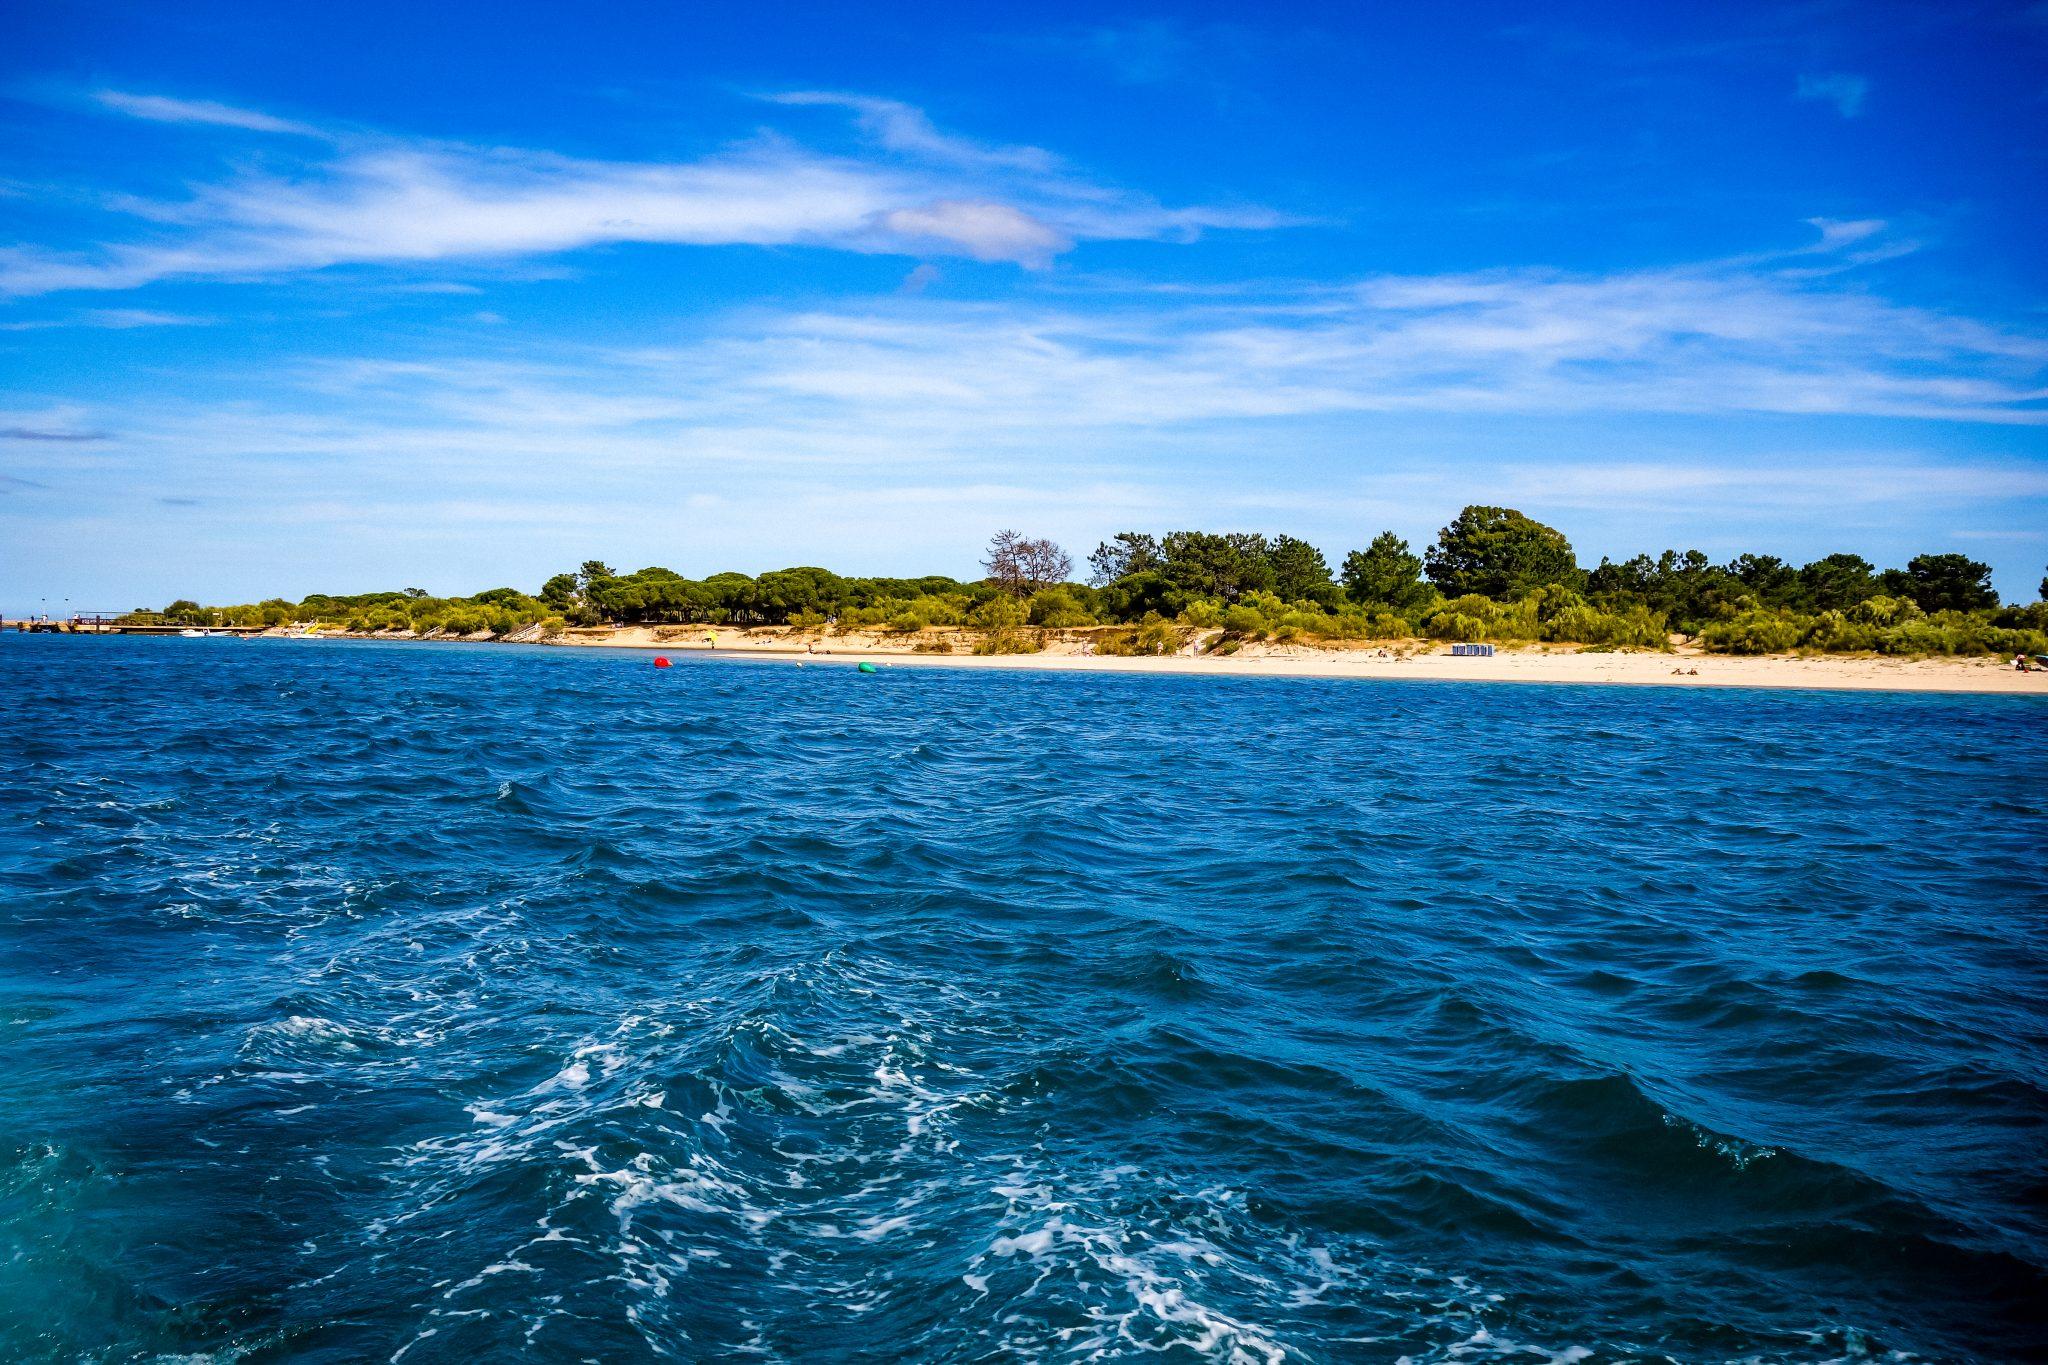 Tschüss Tavira Island, es war wirklich schön!